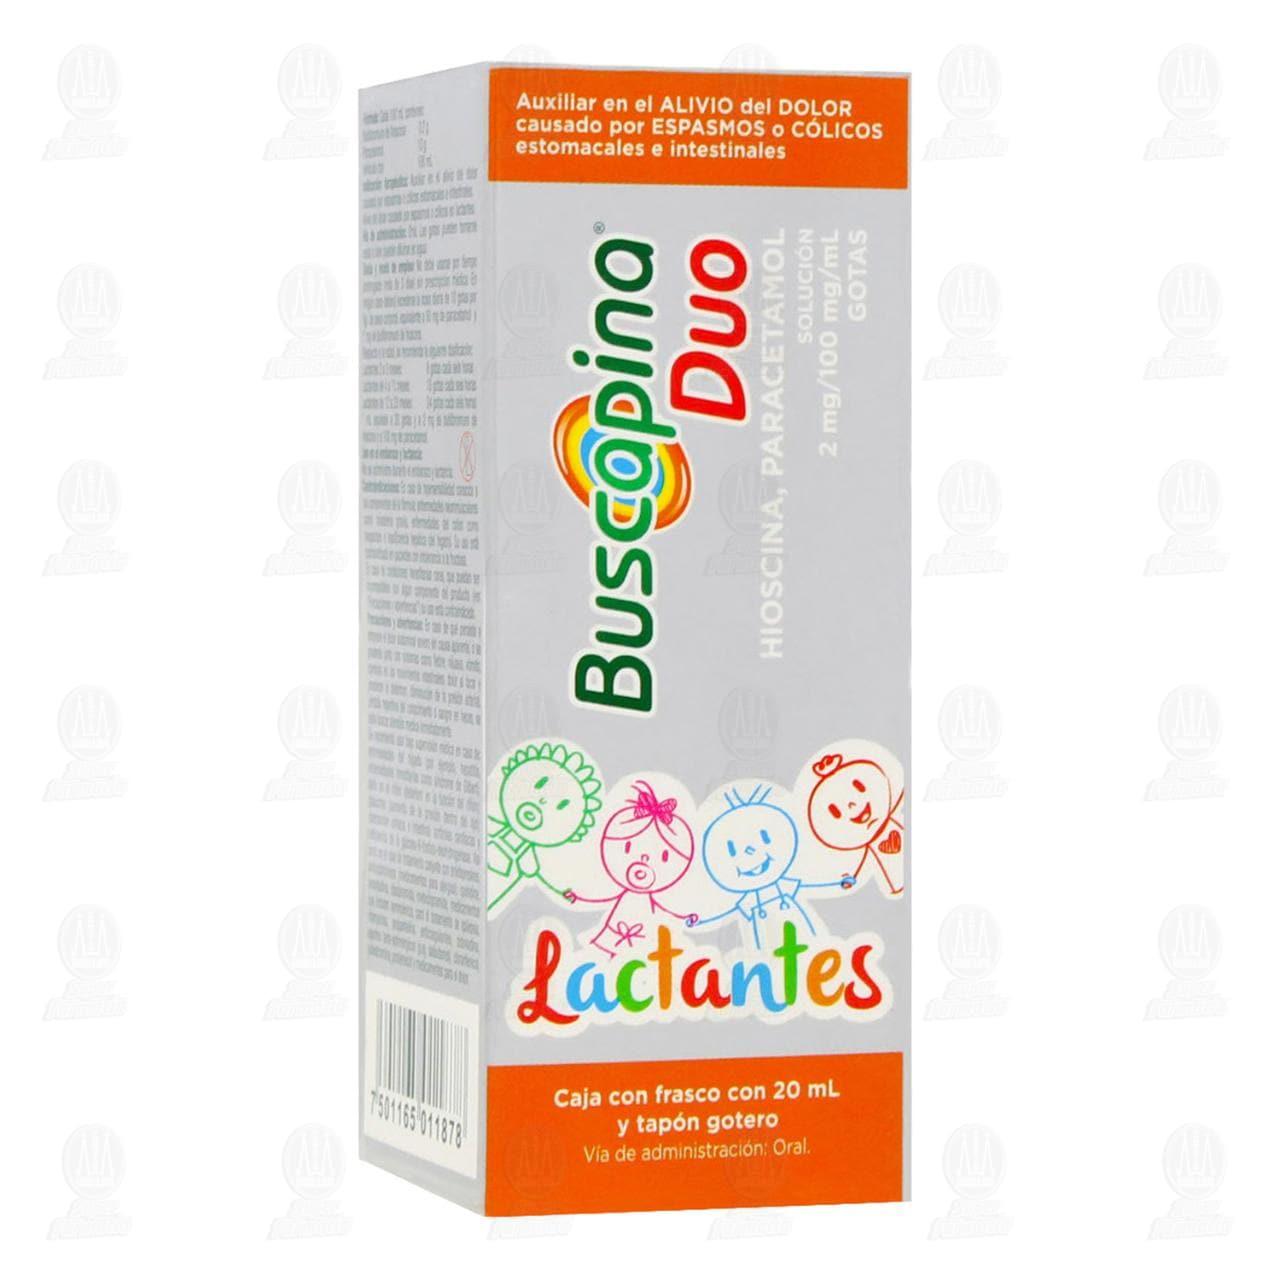 comprar https://www.movil.farmaciasguadalajara.com/wcsstore/FGCAS/wcs/products/1308246_A_1280_AL.jpg en farmacias guadalajara